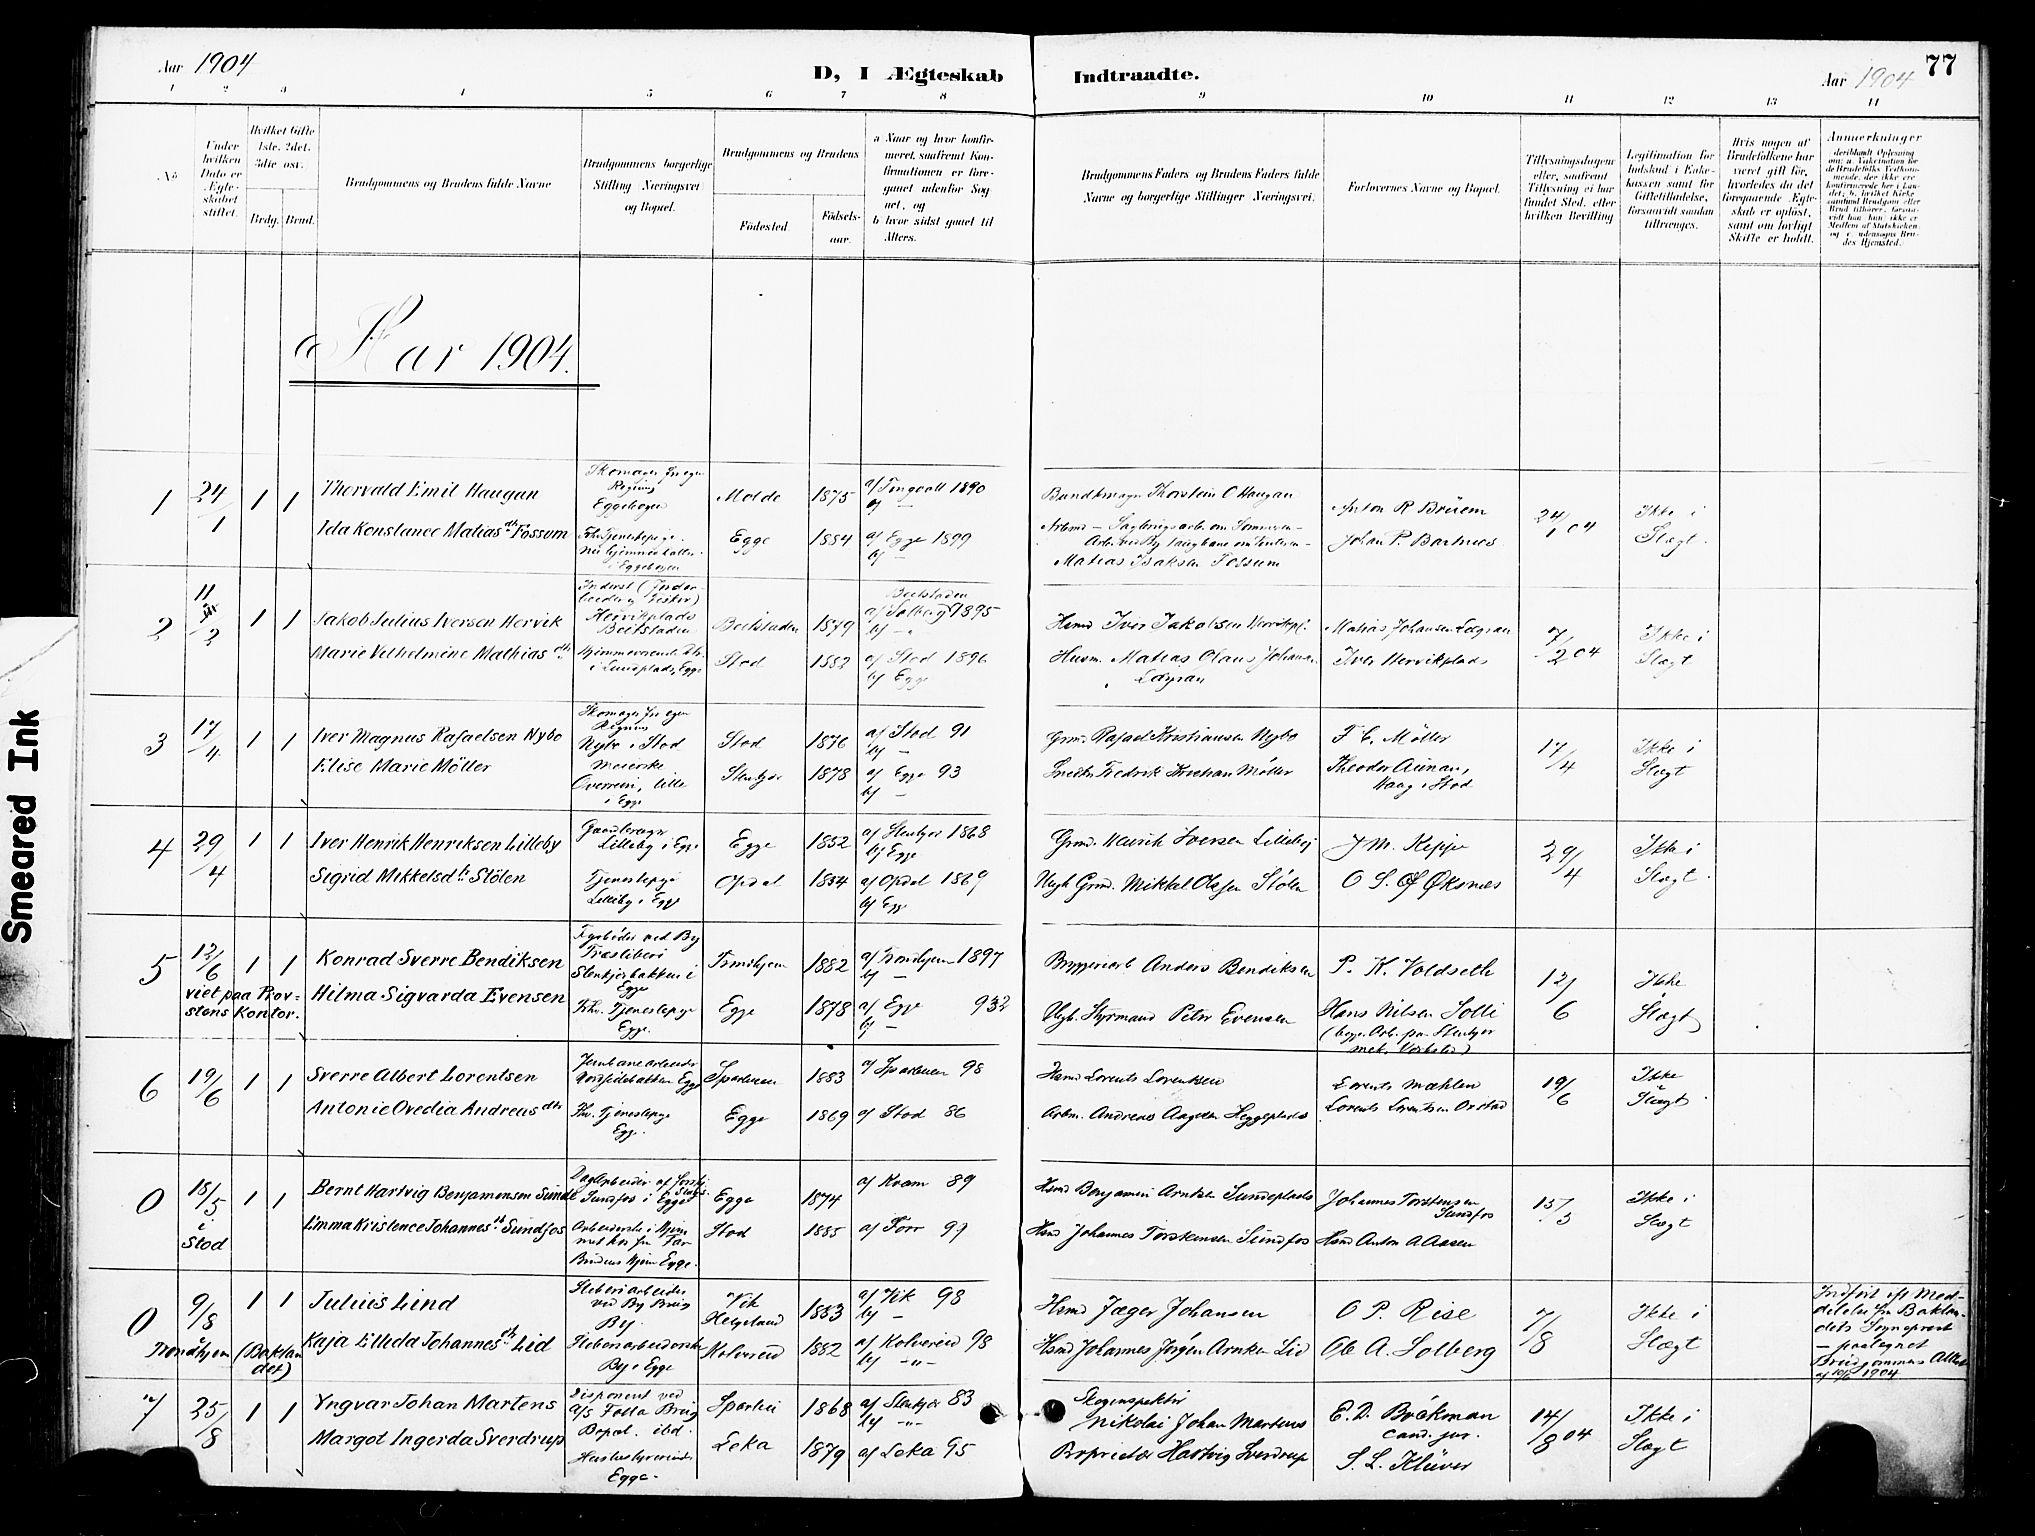 SAT, Ministerialprotokoller, klokkerbøker og fødselsregistre - Nord-Trøndelag, 740/L0379: Ministerialbok nr. 740A02, 1895-1907, s. 77